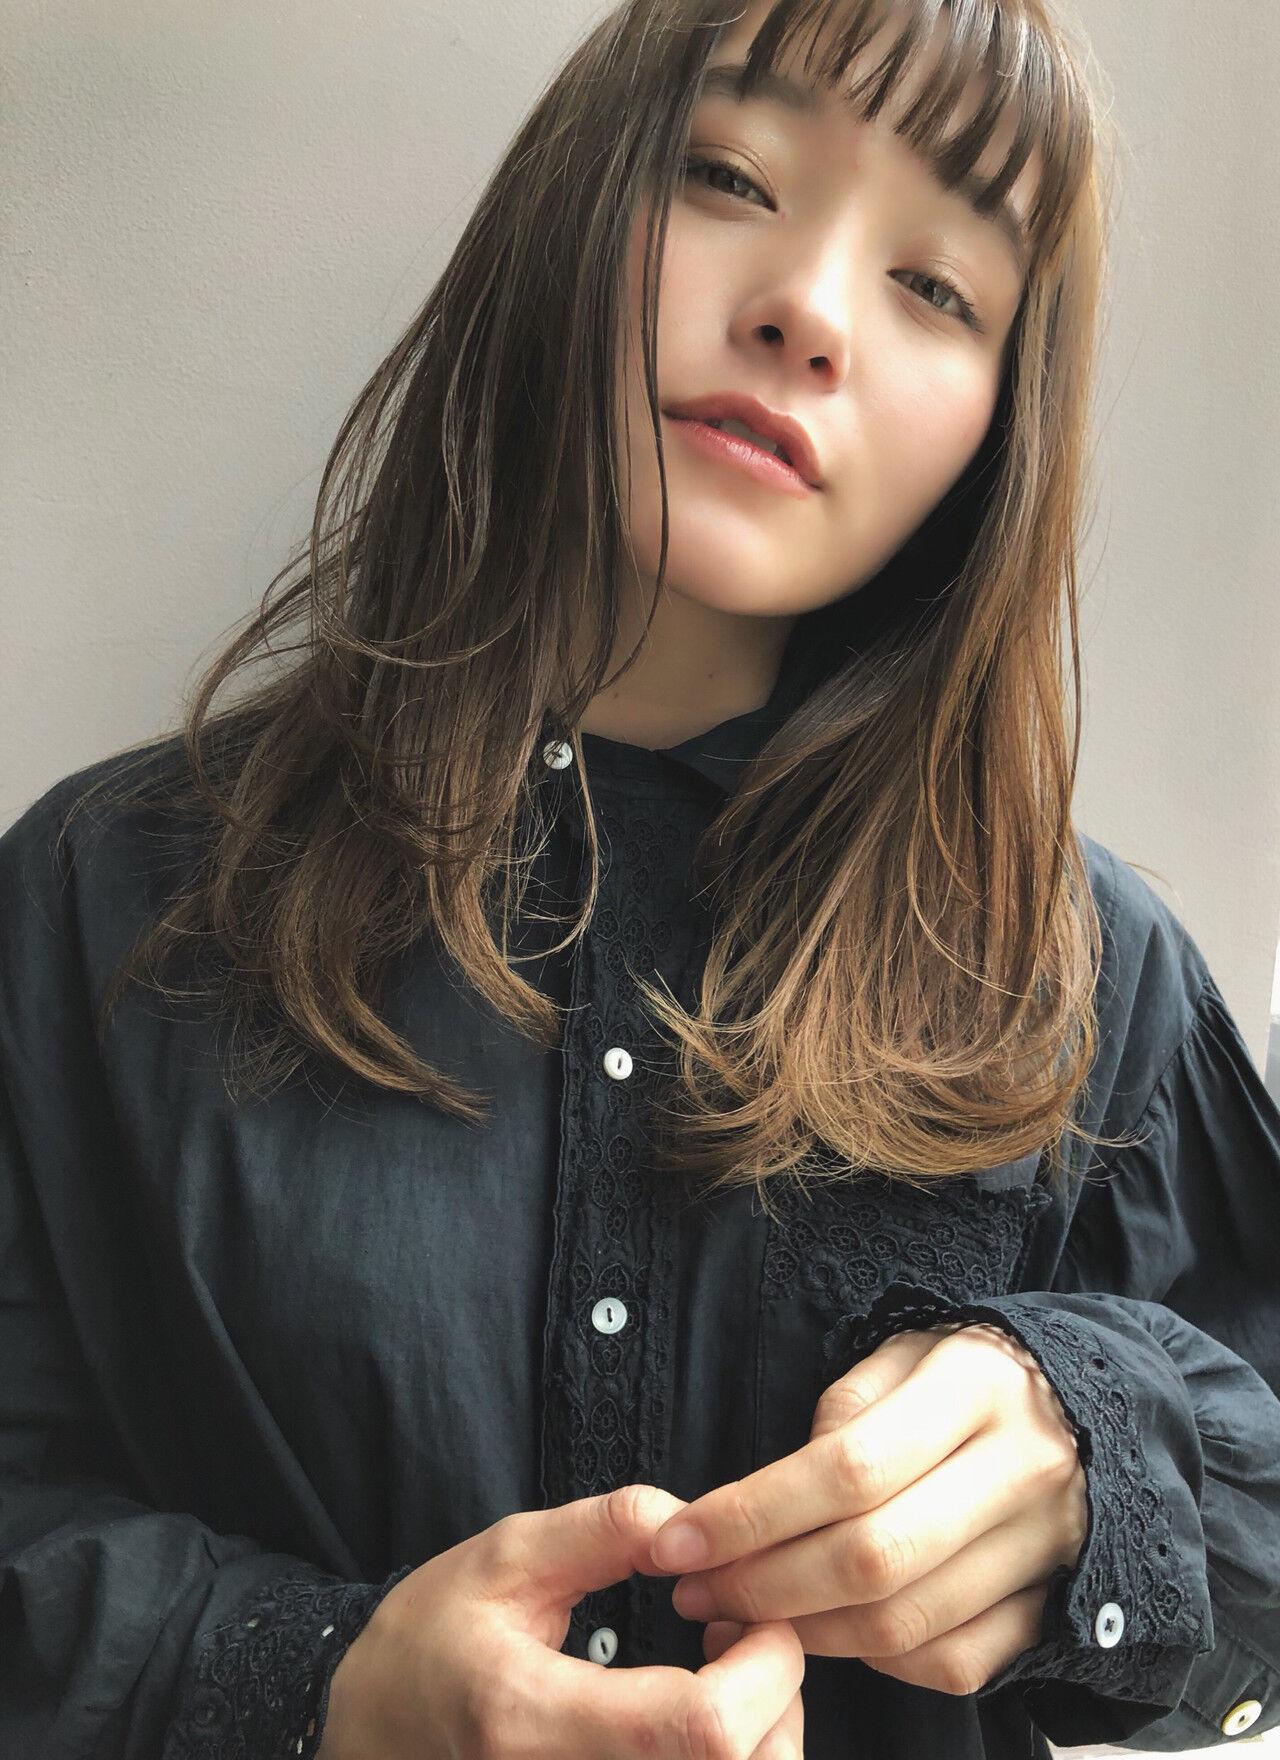 セミロング 色気 アンニュイ ゆるふわヘアスタイルや髪型の写真・画像